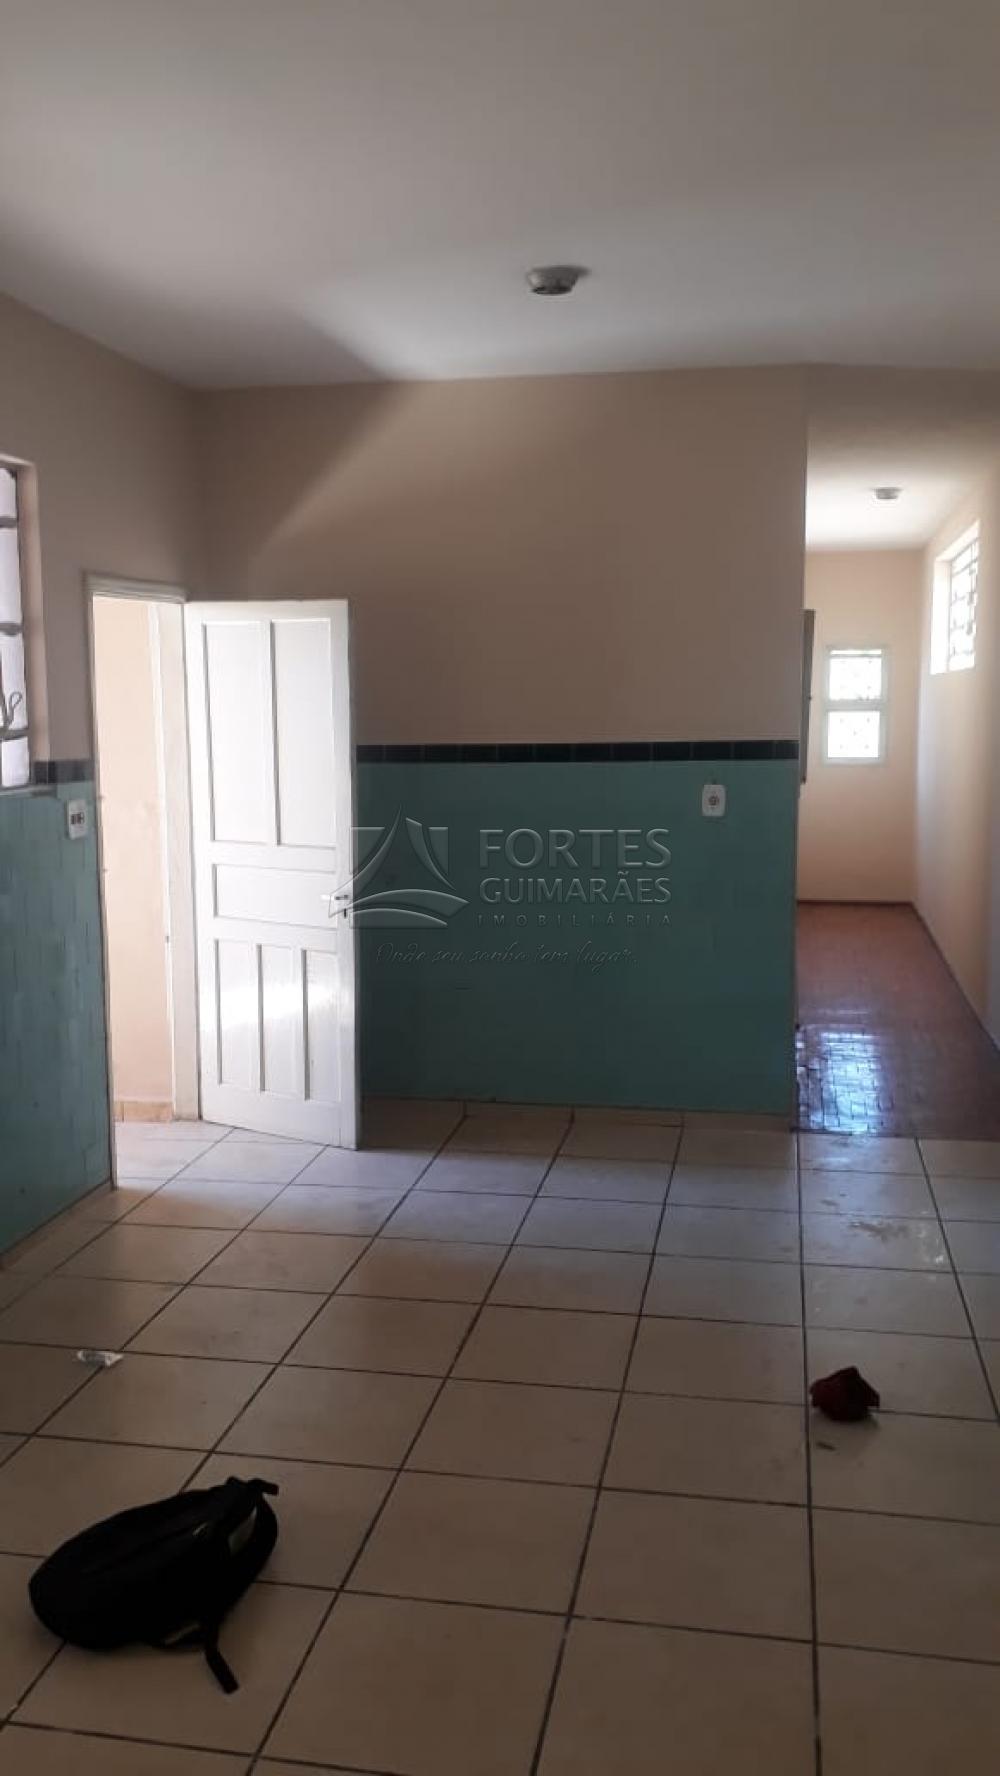 Alugar Casas / Padrão em Ribeirão Preto apenas R$ 850,00 - Foto 3